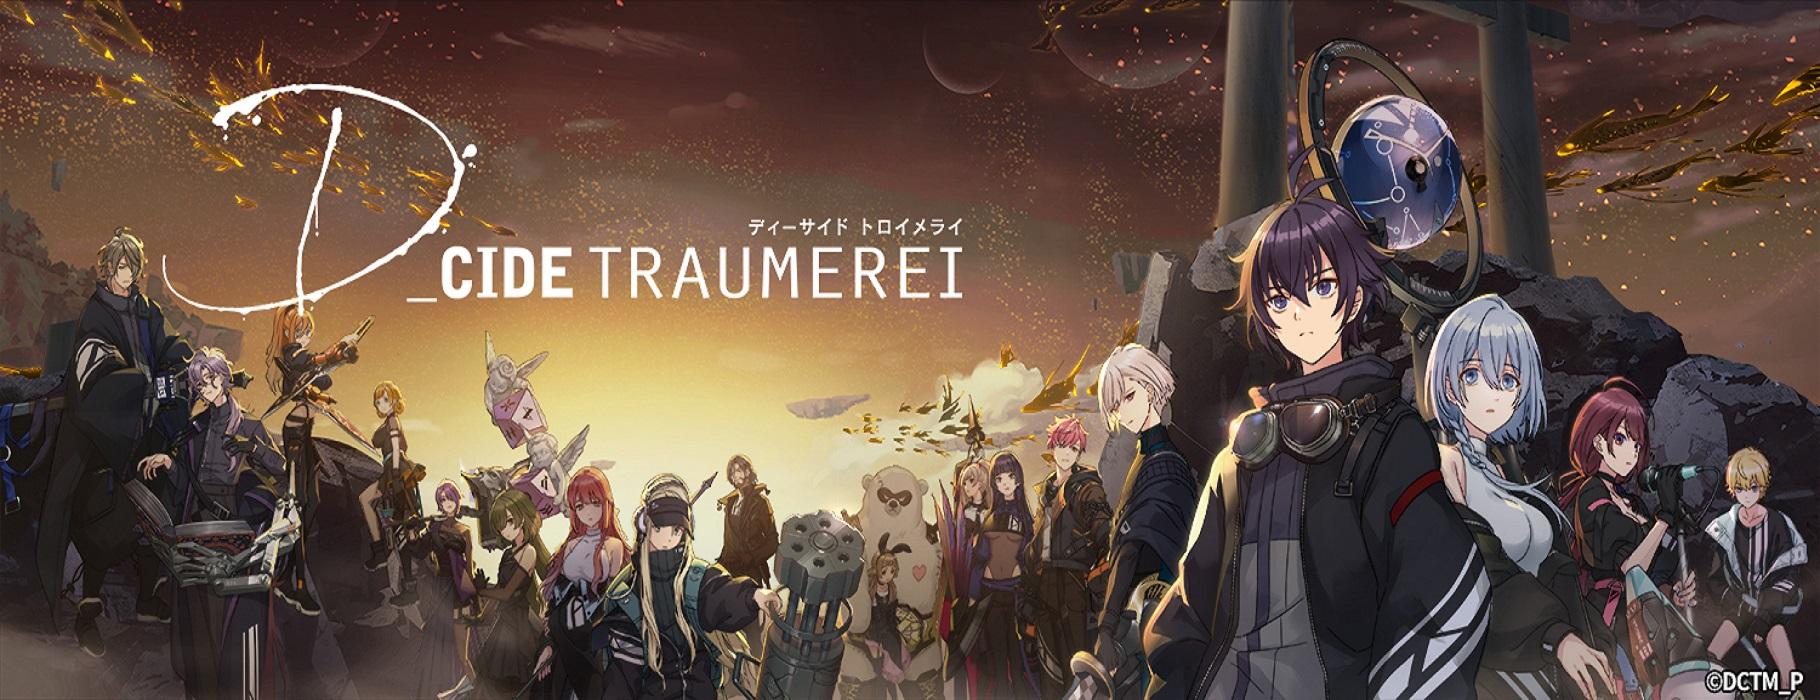 「D_CIDE TRAUMEREIディーサイドトロイメライ(トロメラ)」